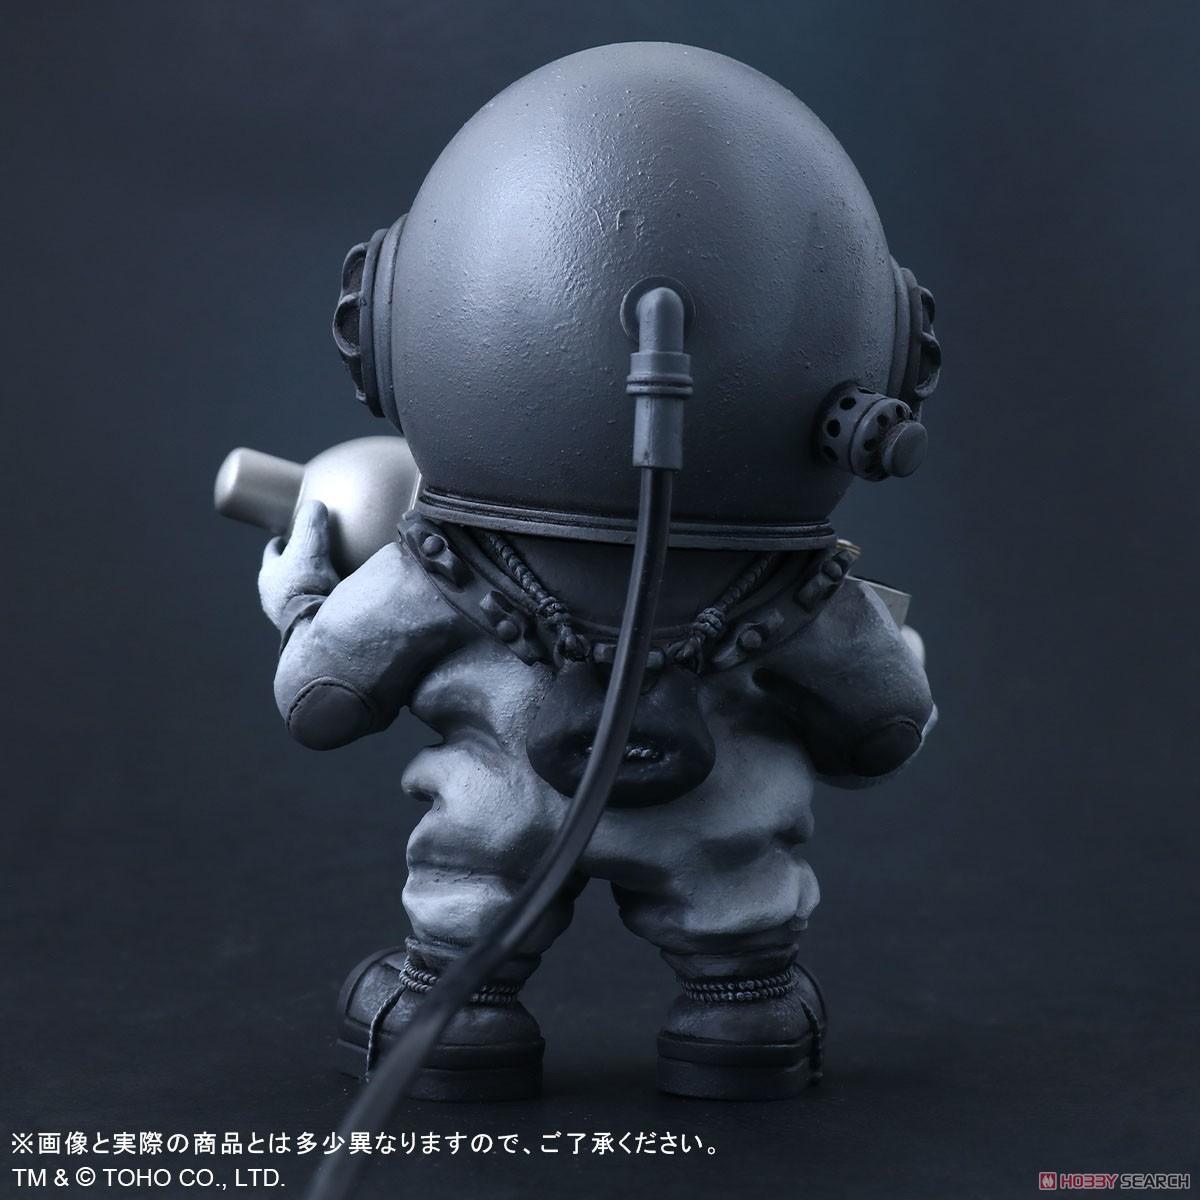 デフォリアル『芹沢博士 モノクロVer.』ゴジラ デフォルメ完成品フィギュア-005